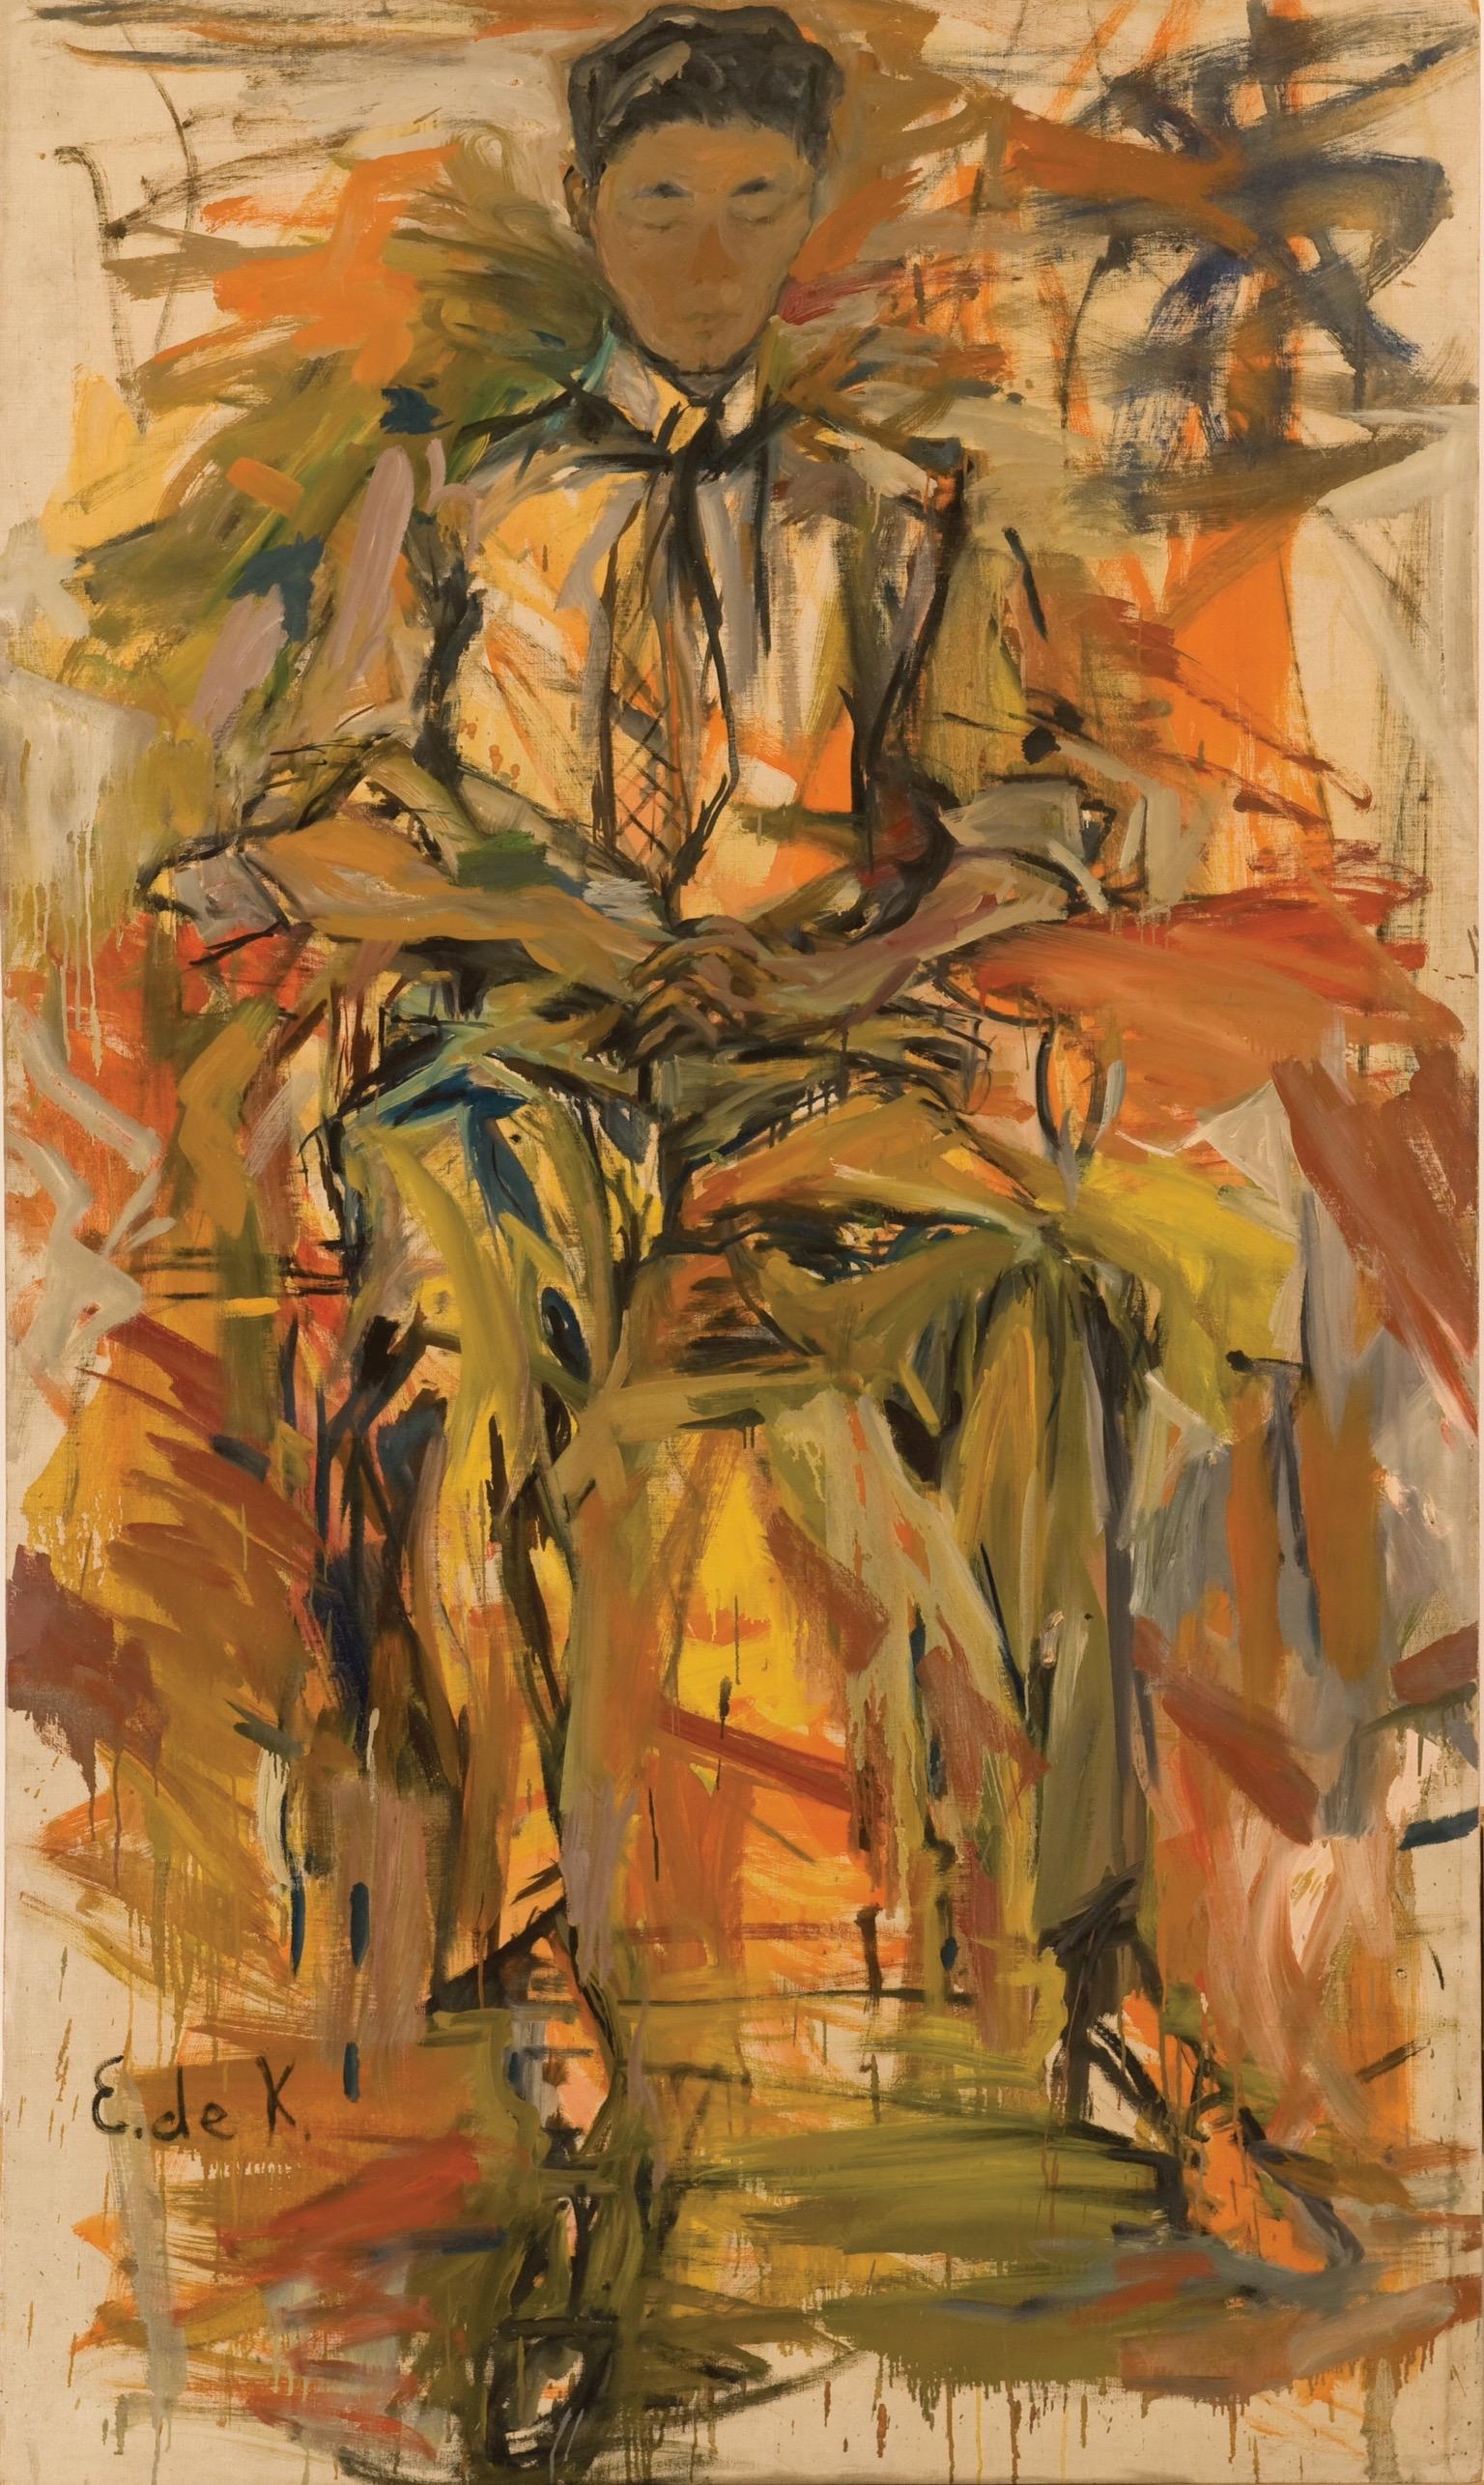 Conrad , 1954, oil on canvas, 80 x 46 inches, Private Collection, Delaware